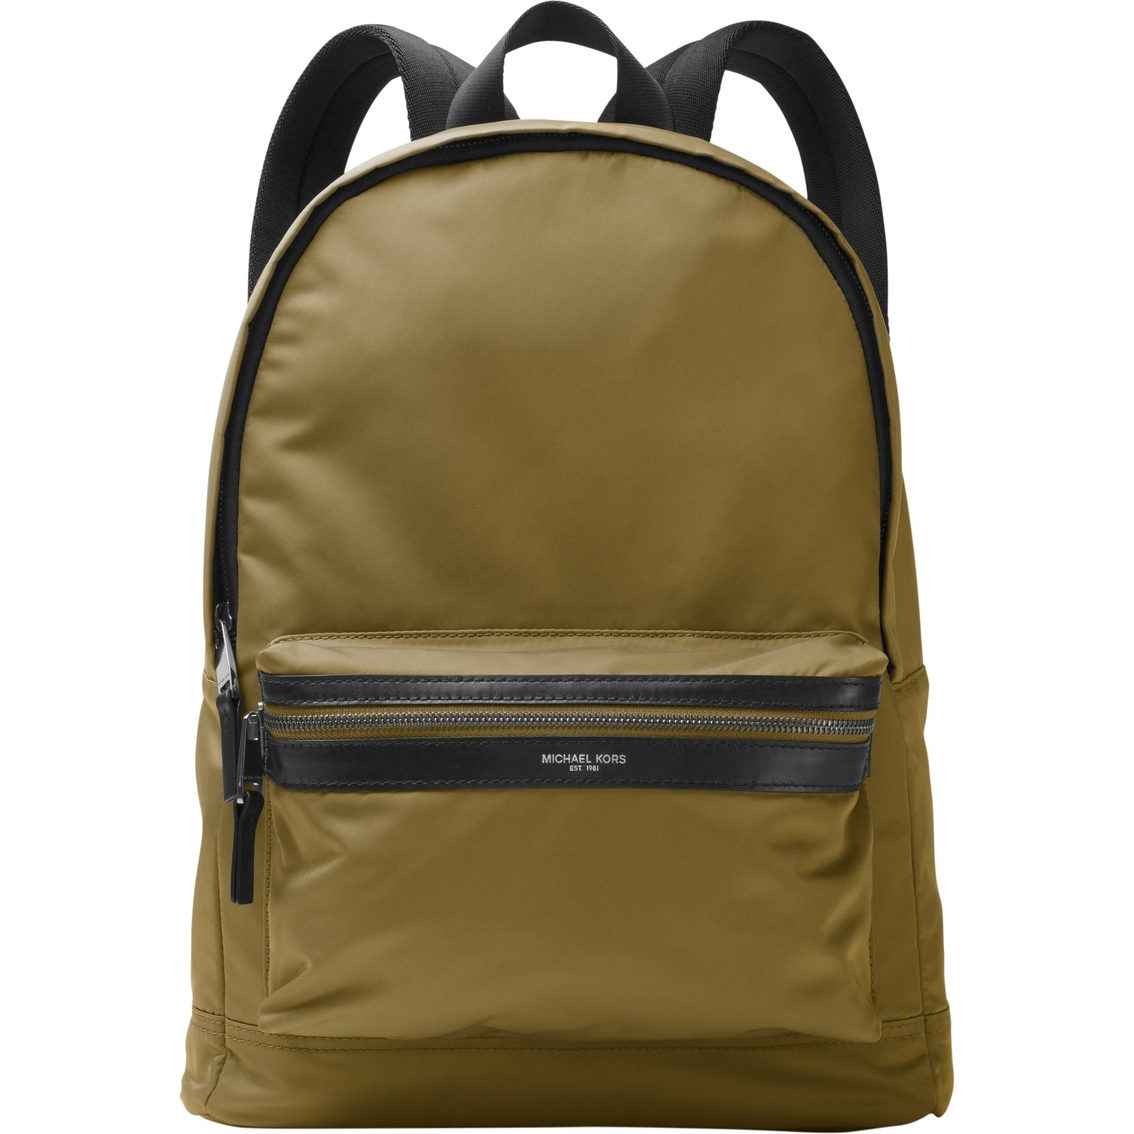 9f1f16edc86e Michael Kors Kent Backpack Military | Backpacks | More | Shop The ...